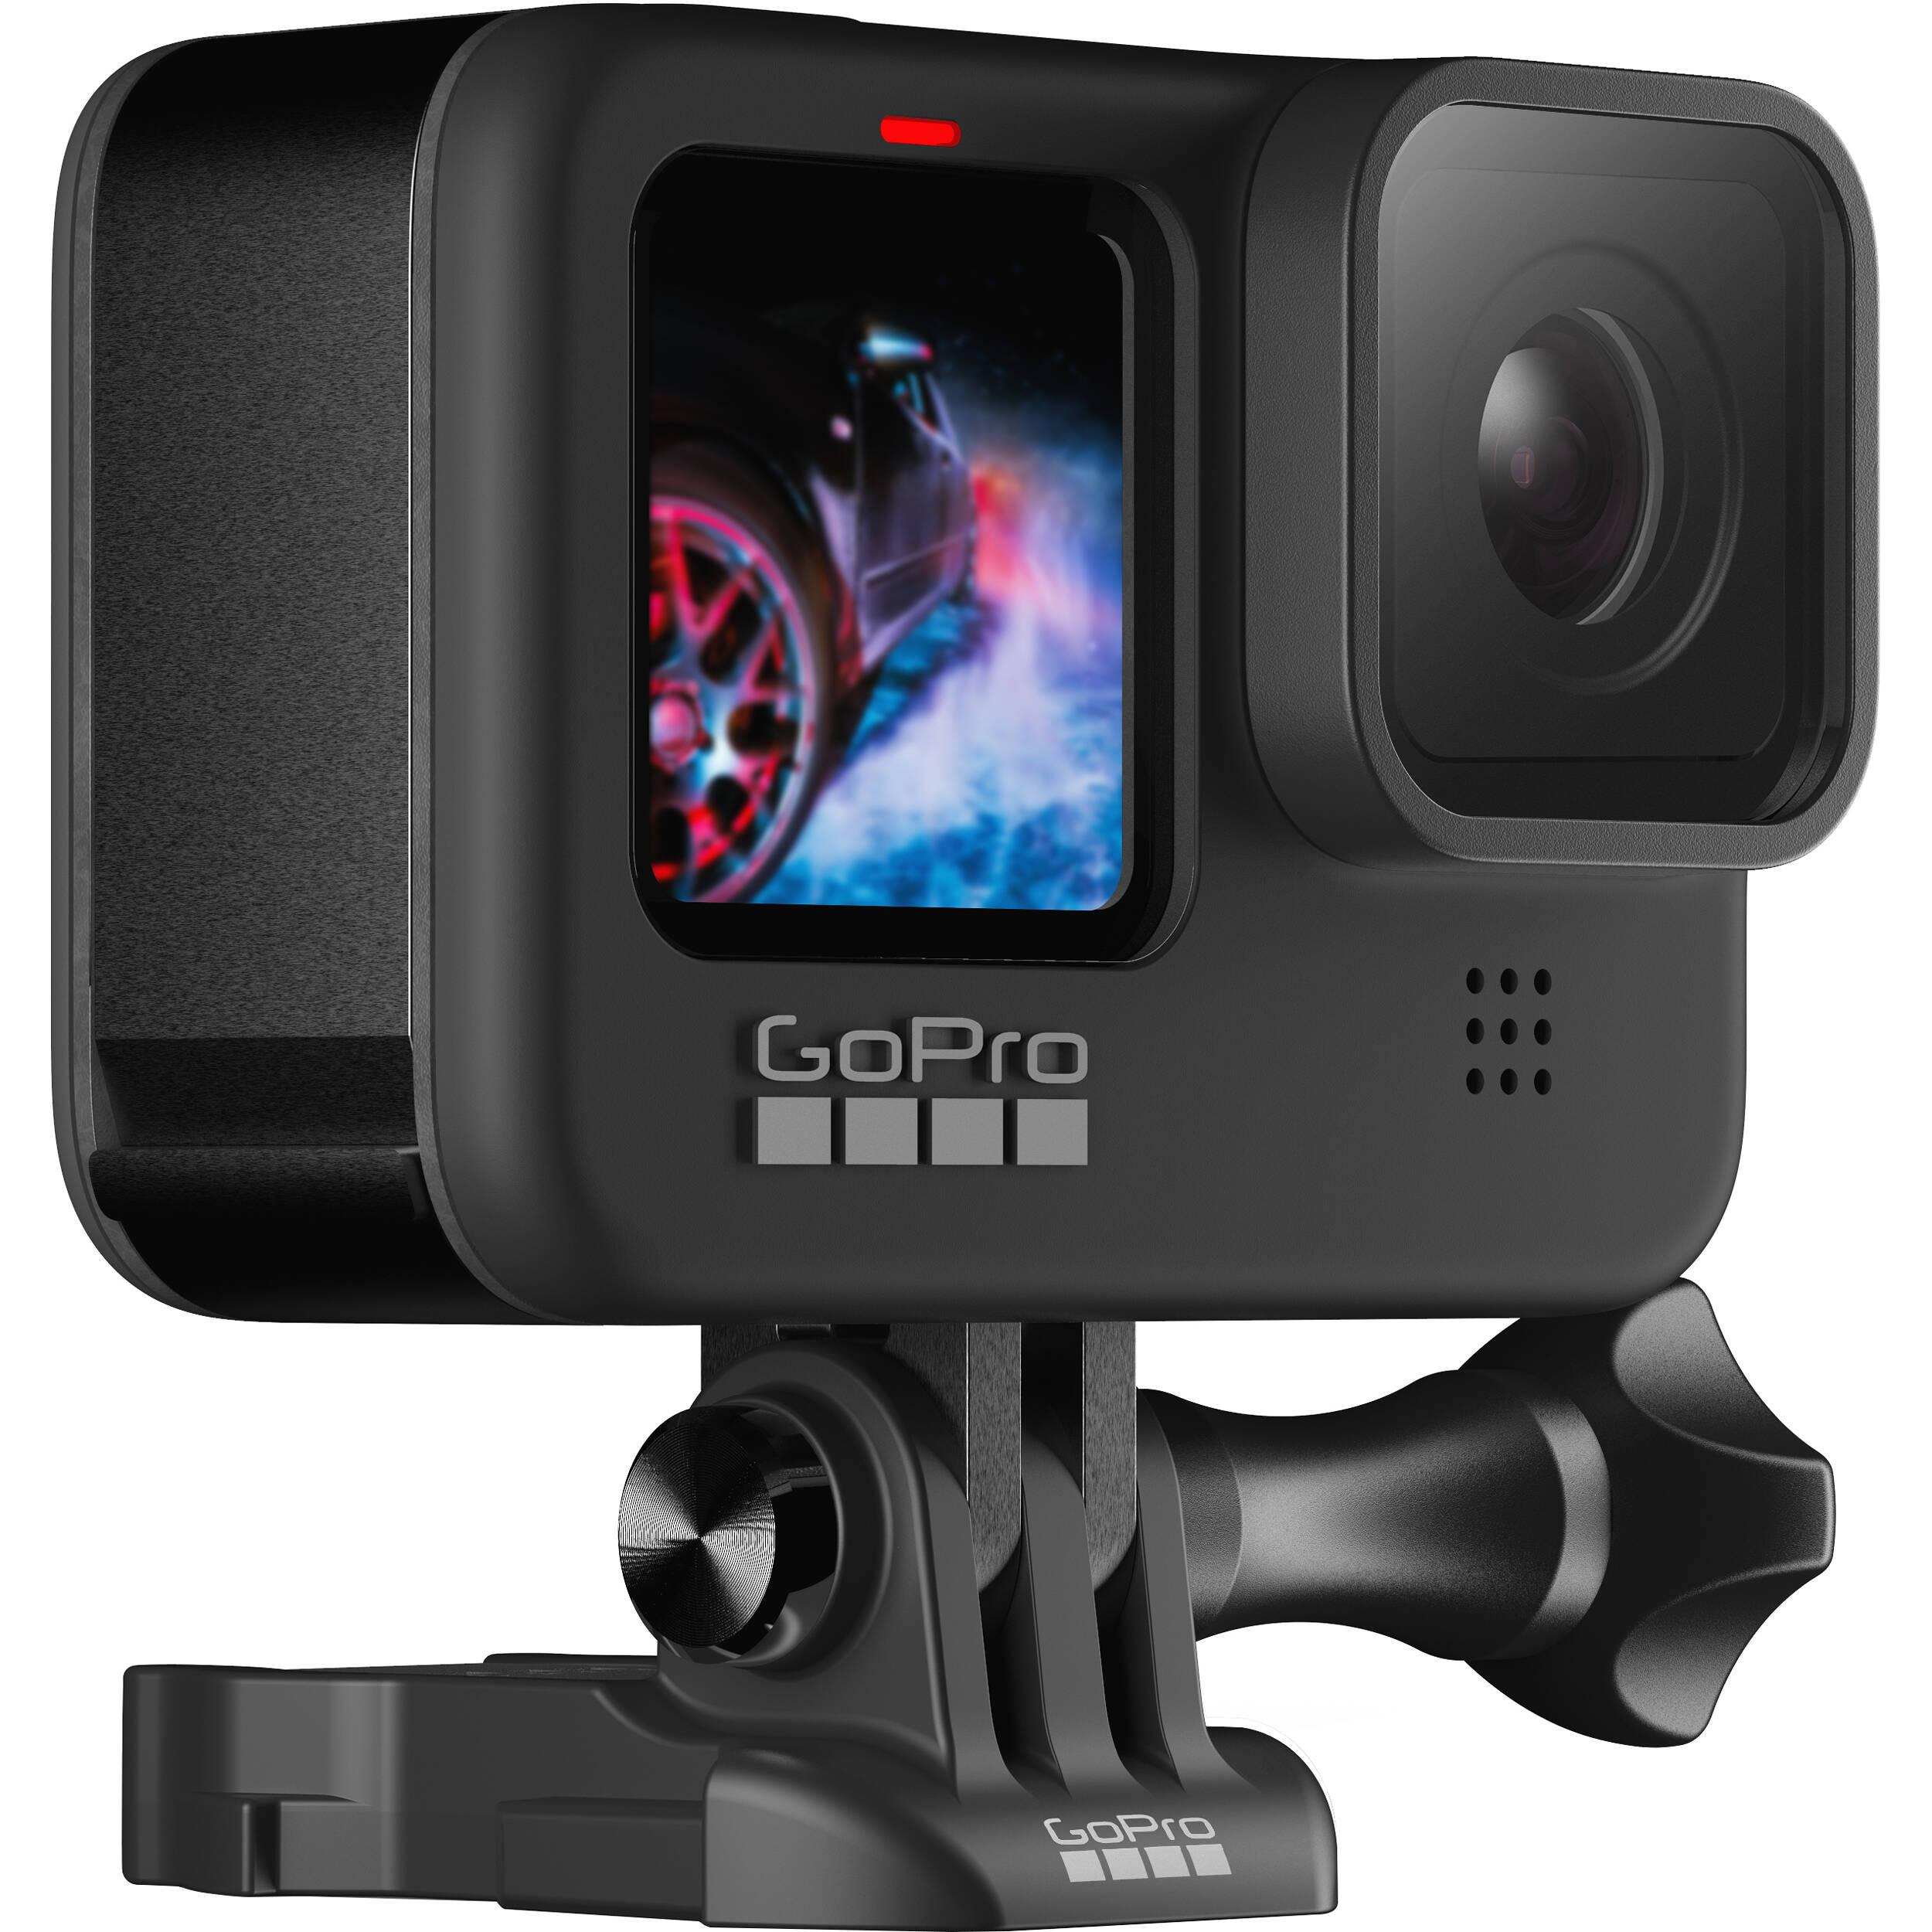 دوربین گوپرو مشکی مدل Hero 9